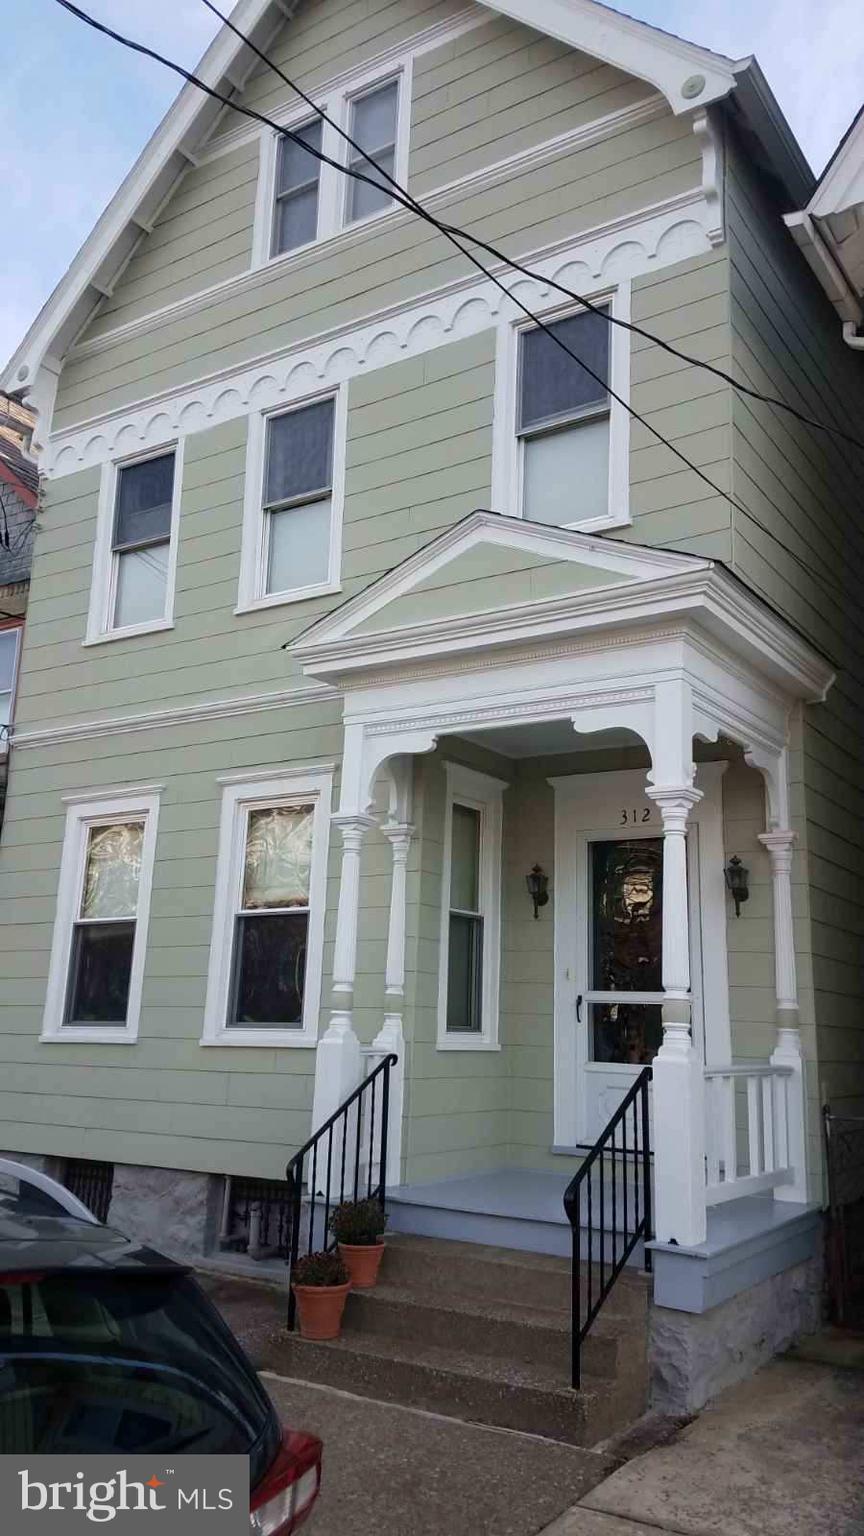 312 W MONROE STREET, EASTON, PA 18042